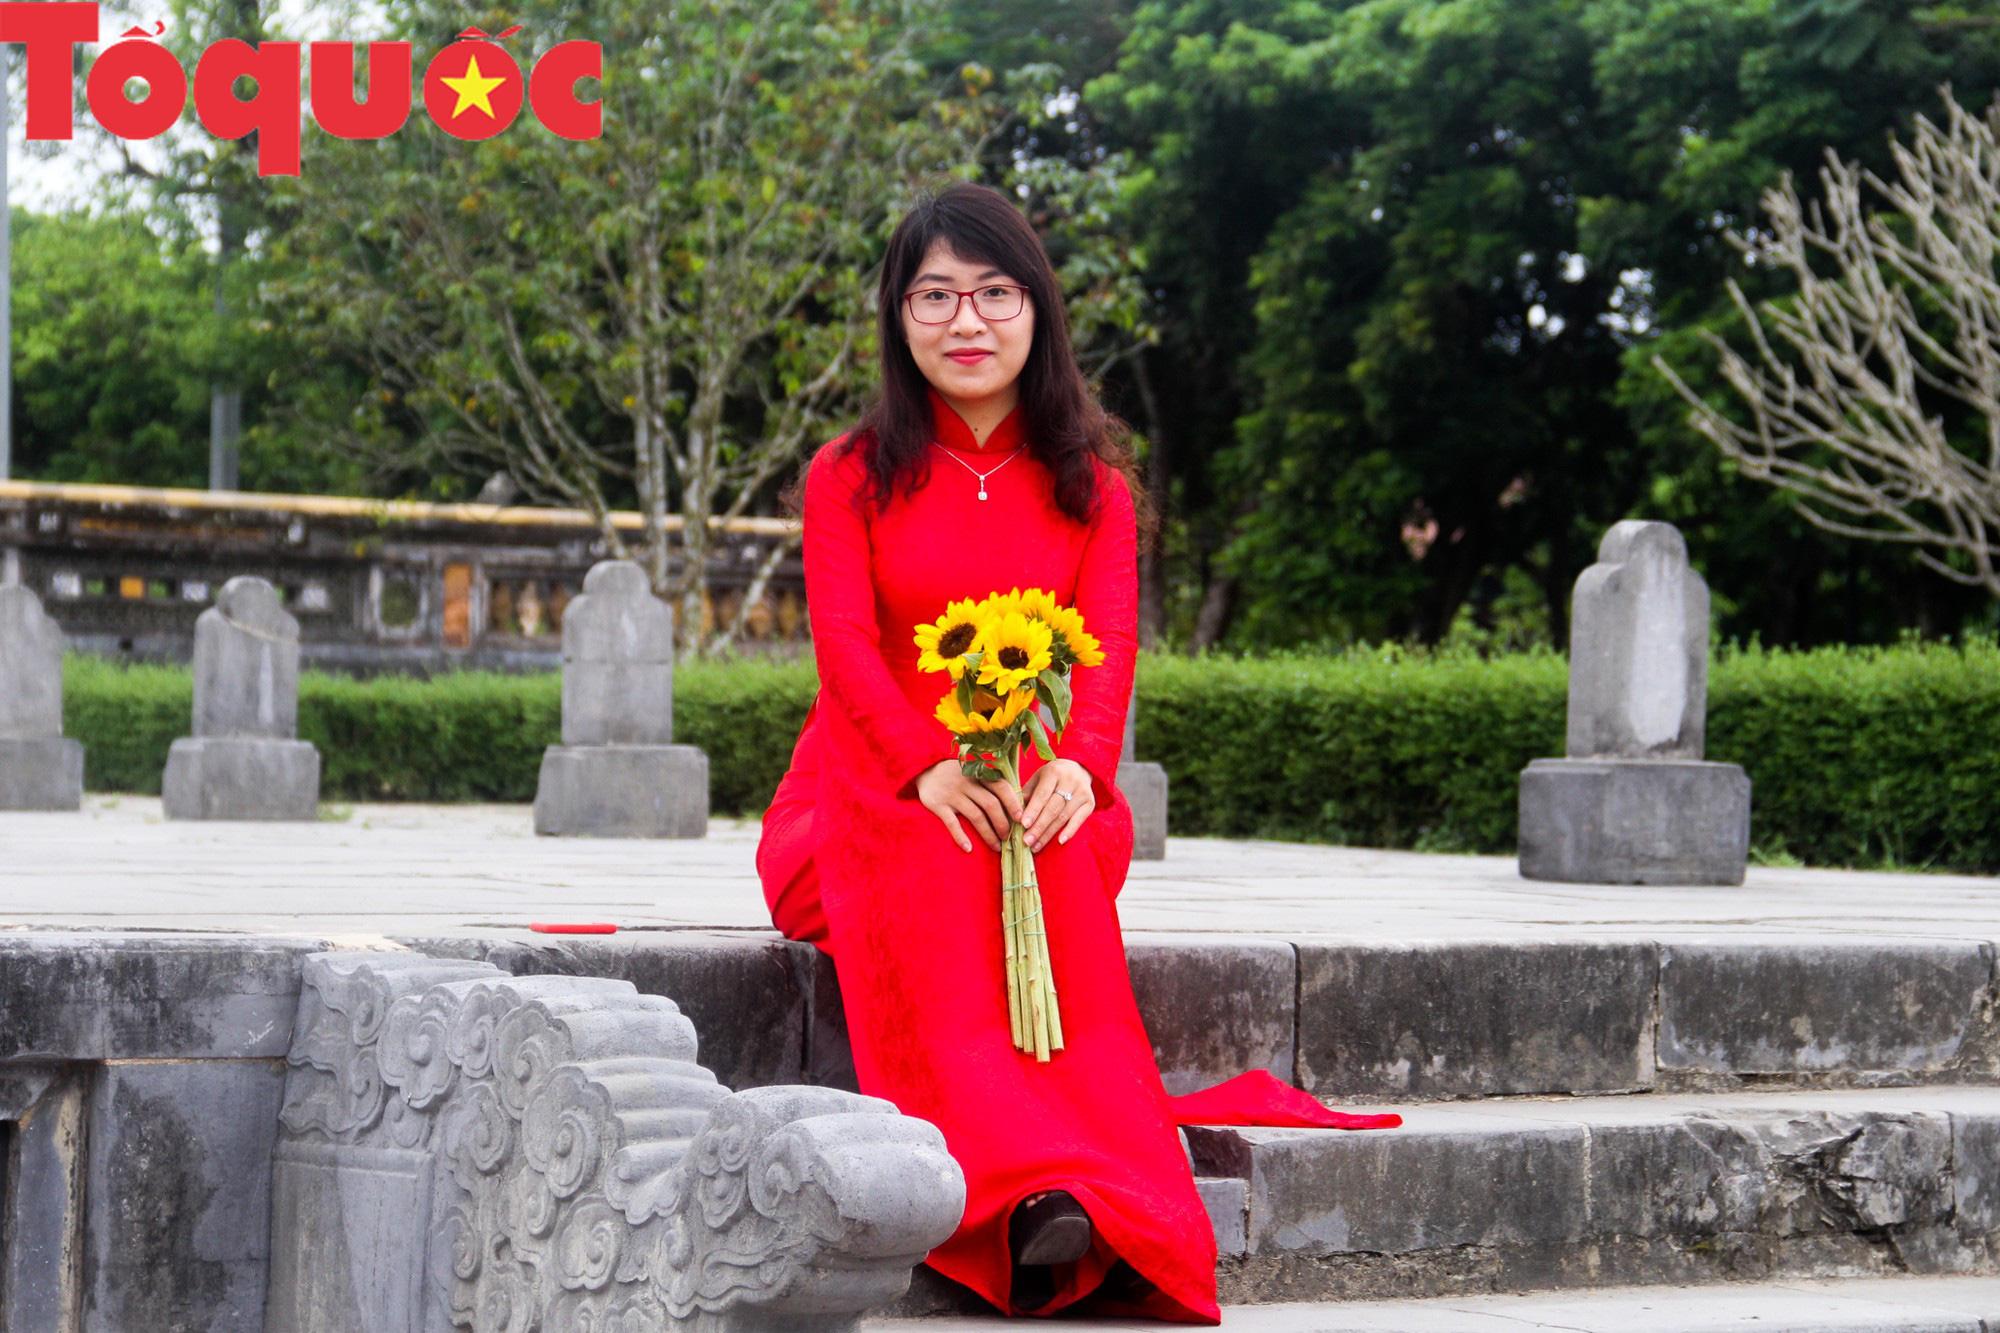 Ấn tượng hình ảnh hàng trăm tà áo dài thướt tha trong Đại Nội Huế ngày 8/3 - Ảnh 10.